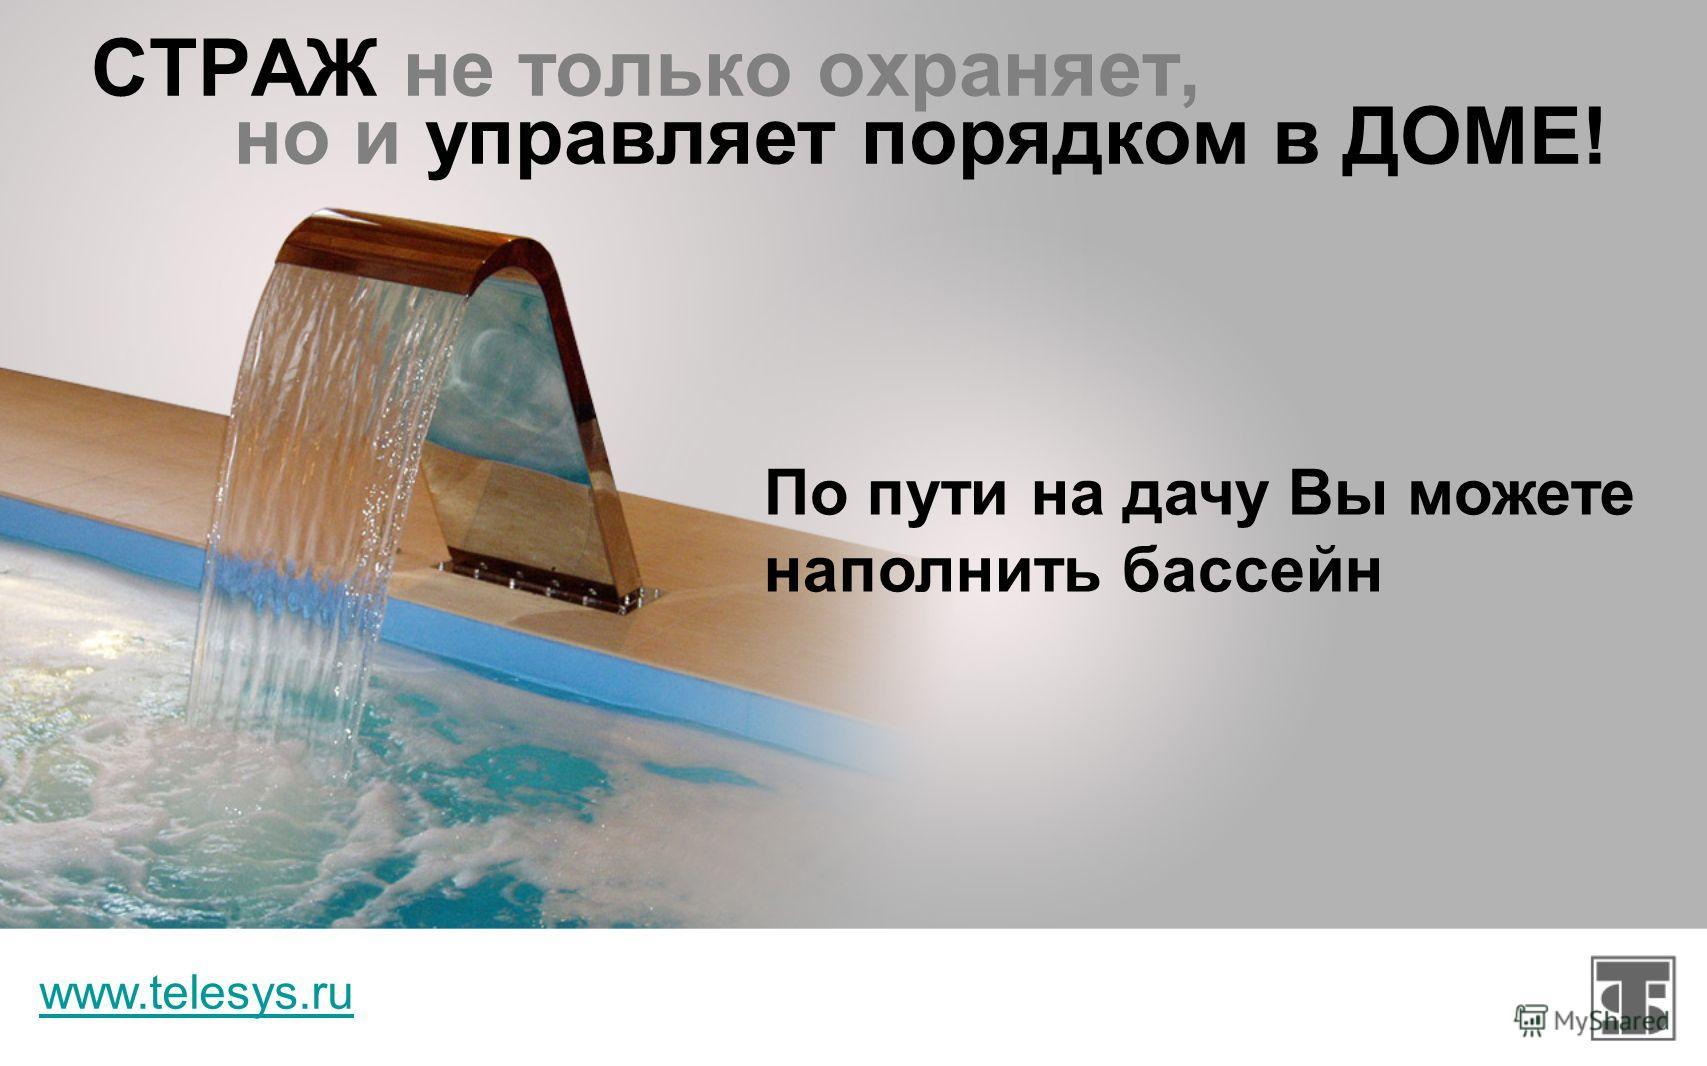 СТРАЖ не только охраняет, www.telesys.ru Вы можете дистанционно прогреть дом или протопить баню но и управляет порядком в ДОМЕ!